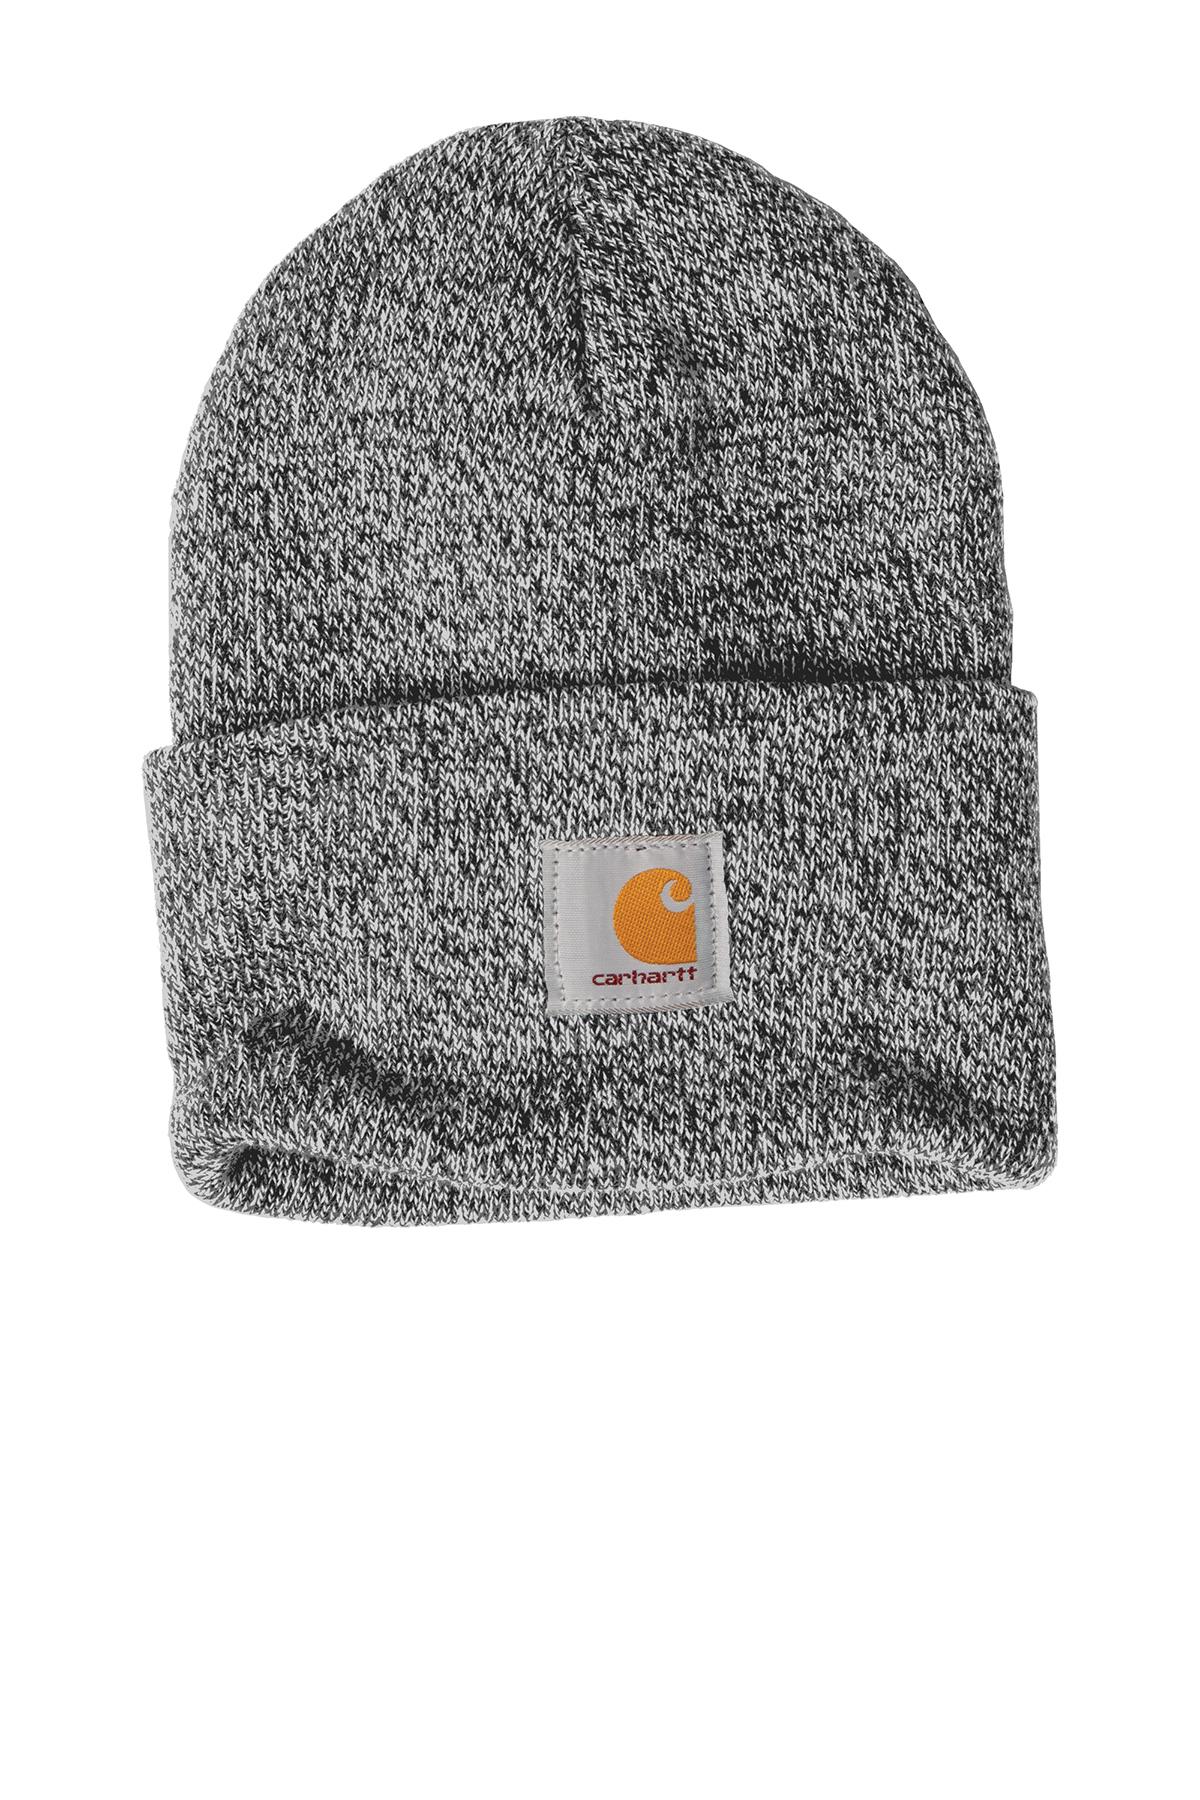 14818c21d3ef8 Carhartt® CTA18 - Acrylic Watch Hat  12.99 - Headwear